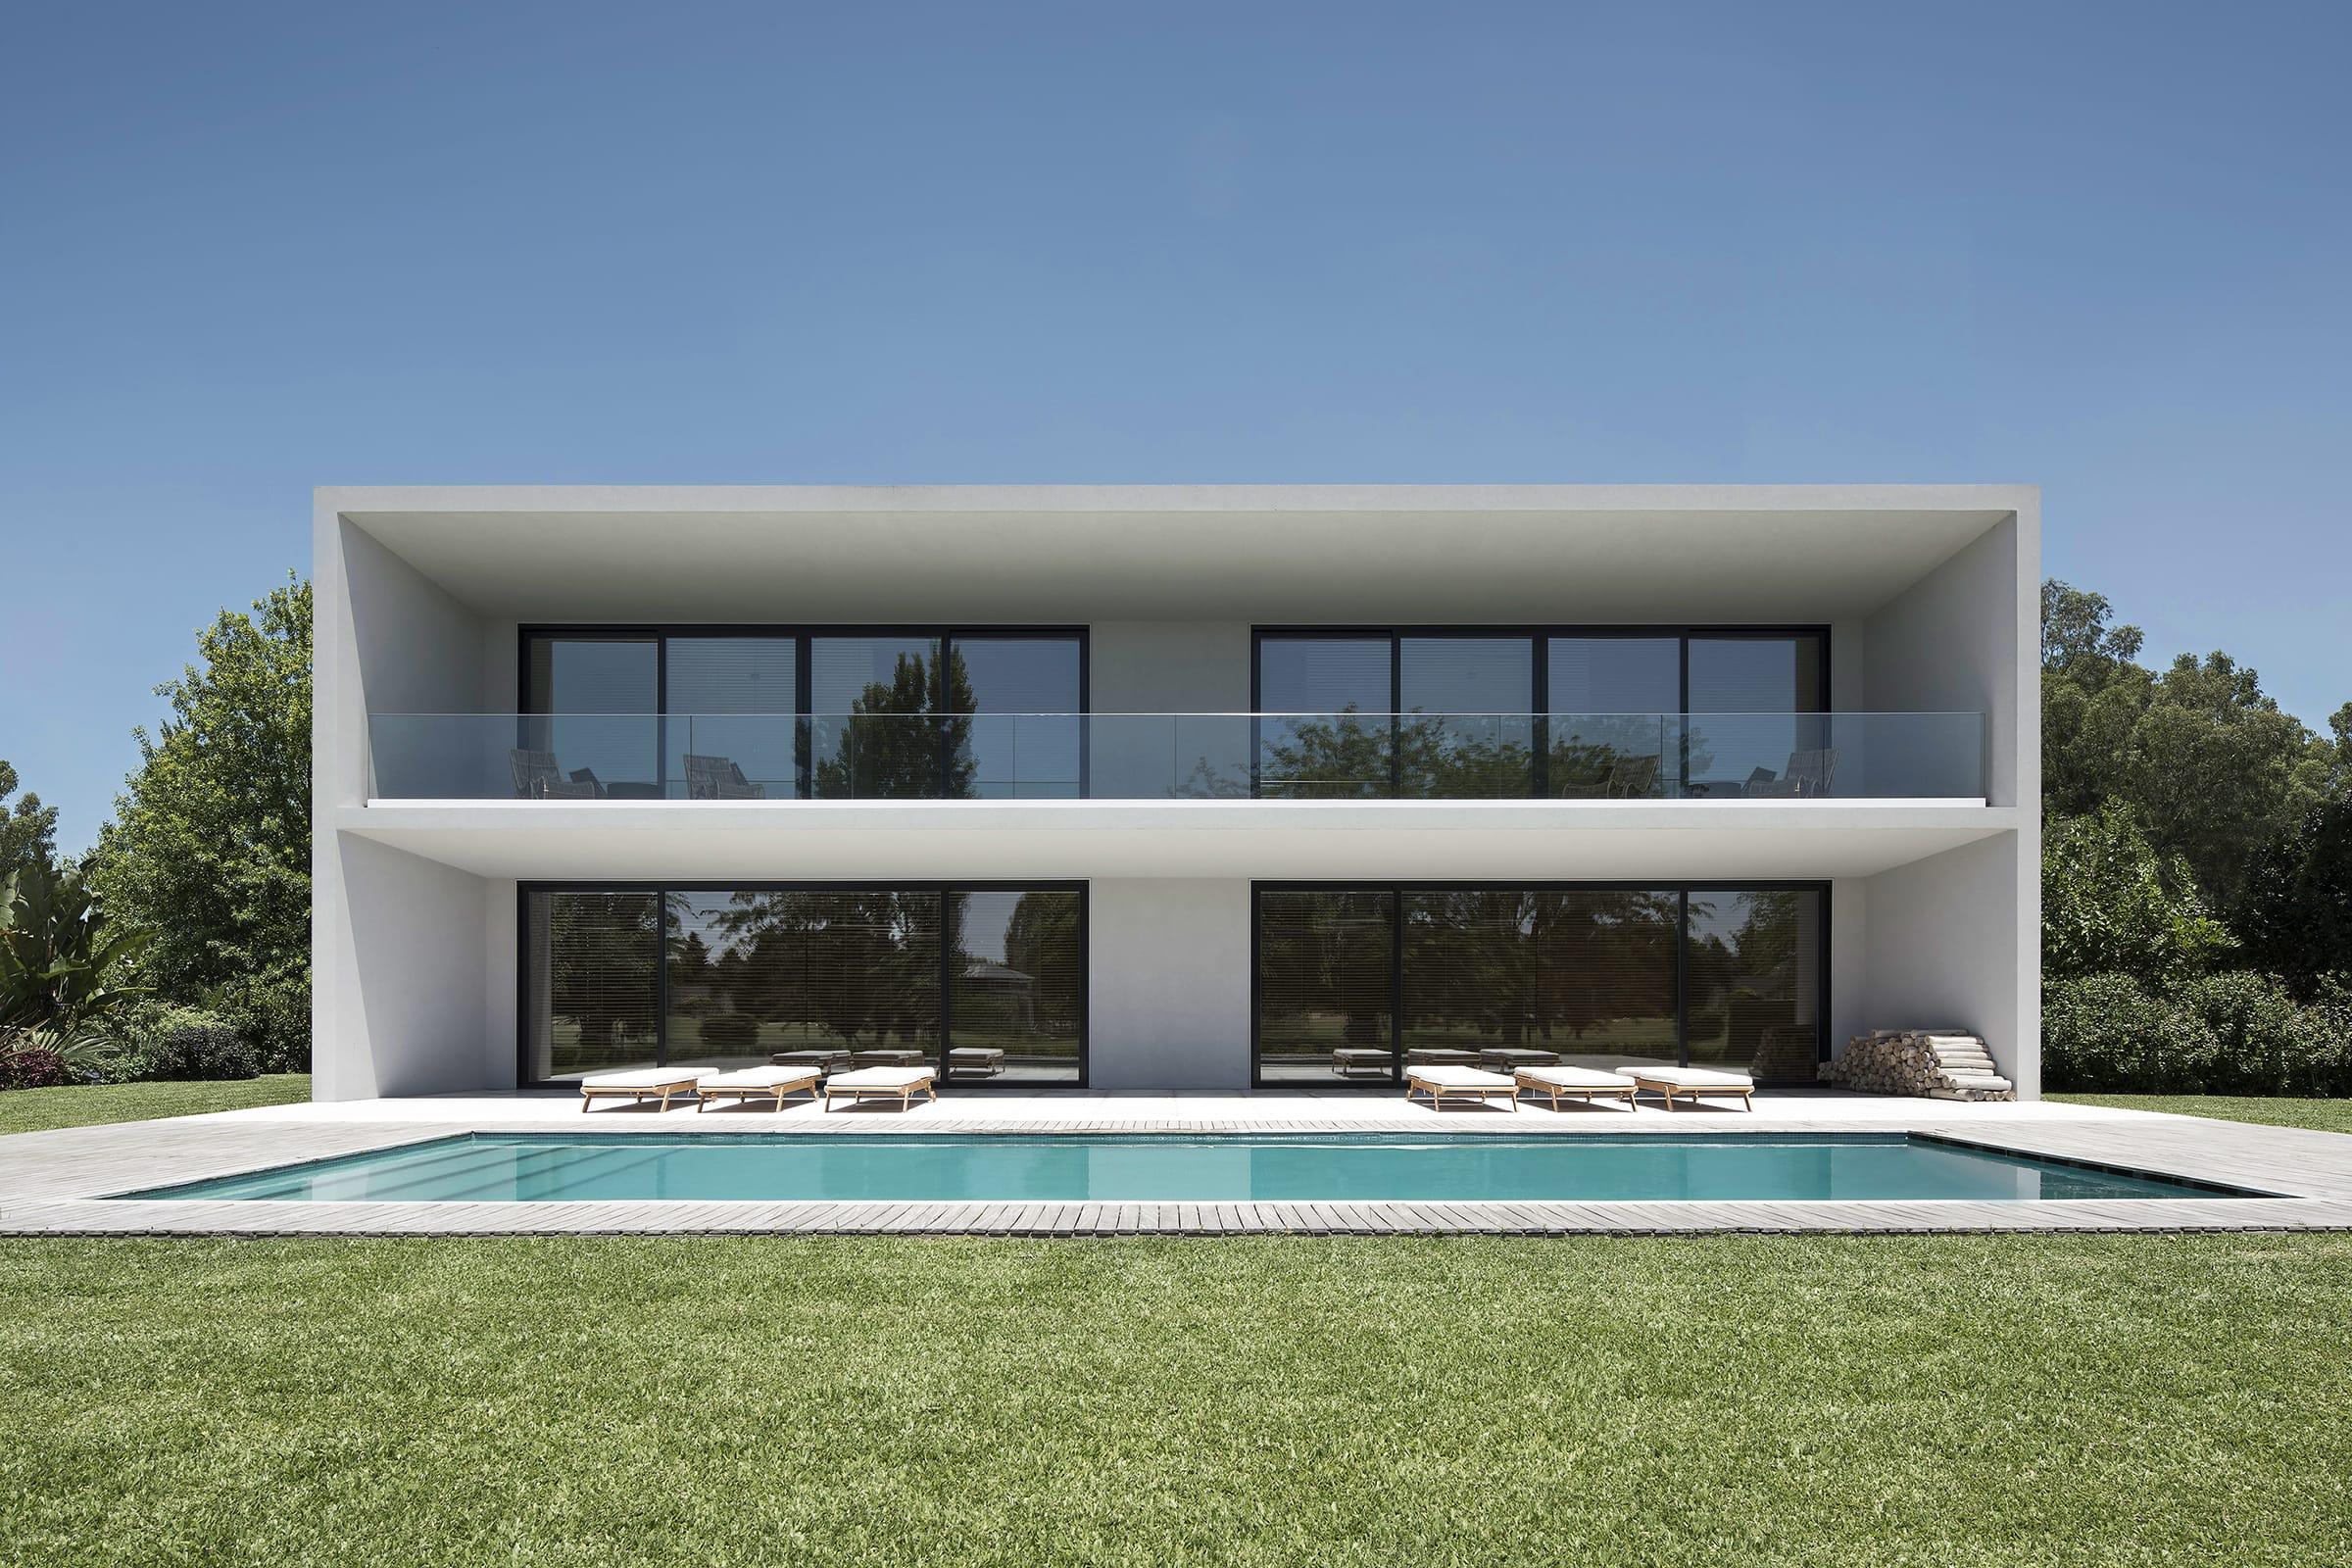 En el contrafrente, una galería corrida y sin columnas vincula el espacio social con la piscina y el jardín.